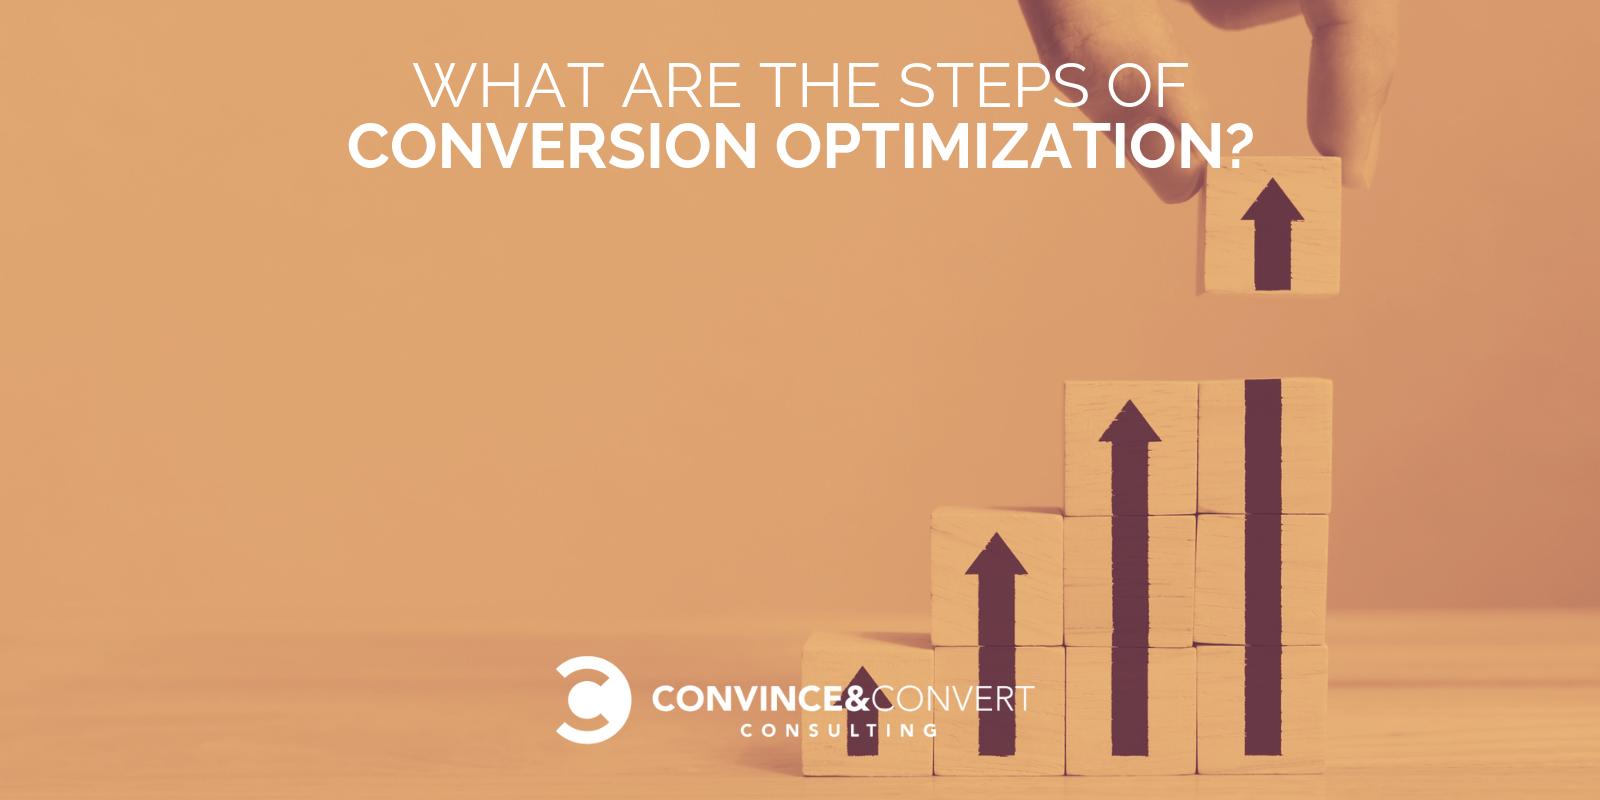 Quali sono i passaggi dell'ottimizzazione delle conversioni?